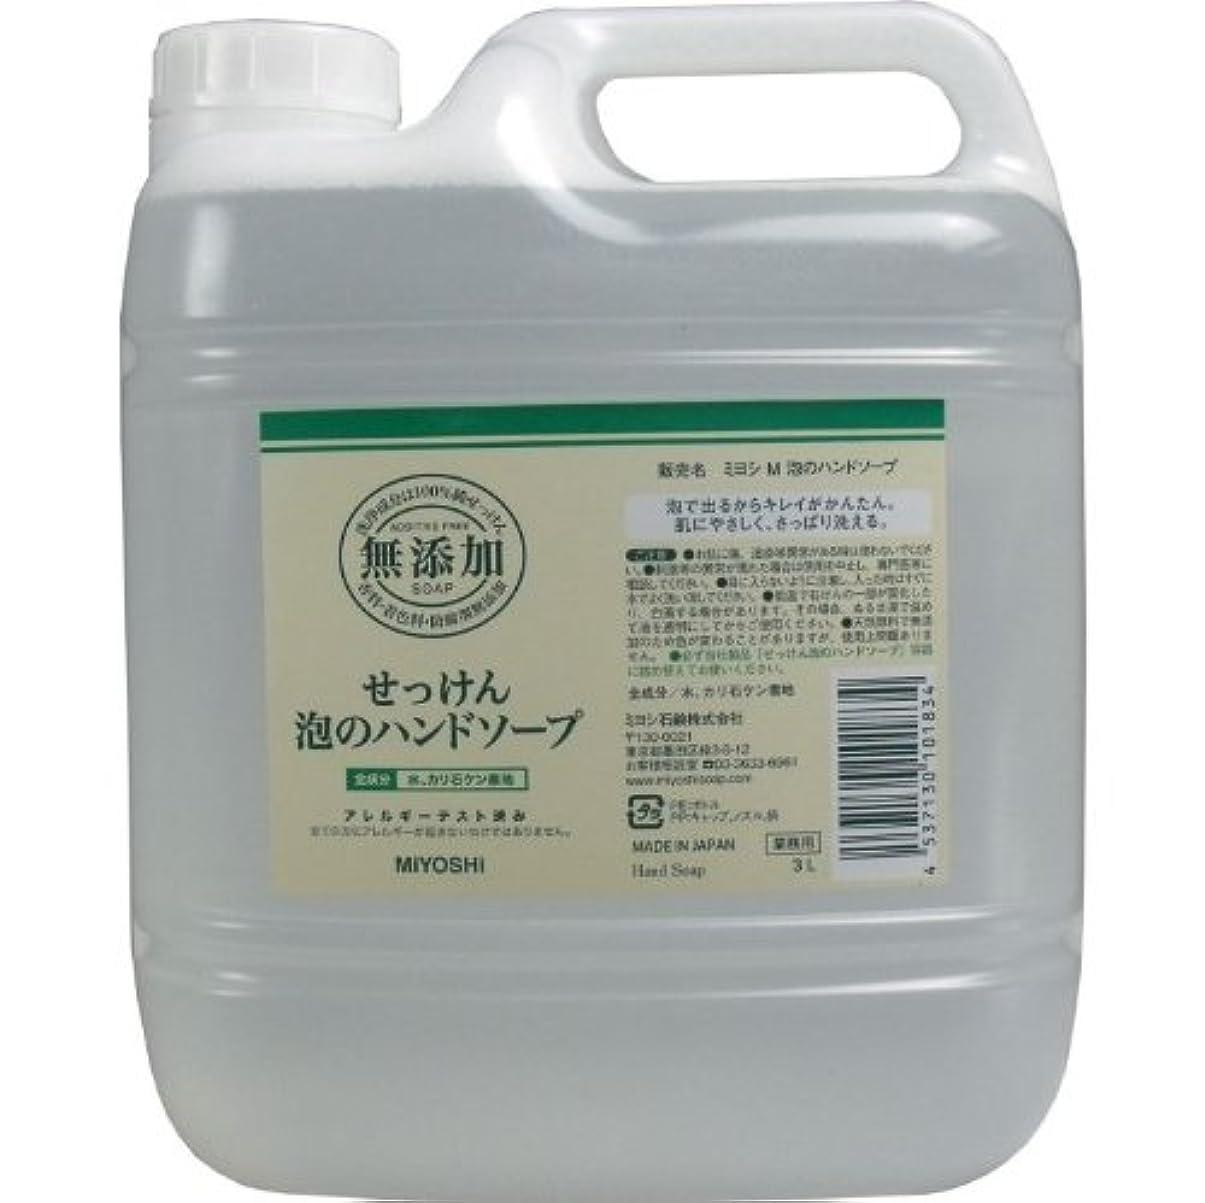 やめる薄汚い牛泡で出るからキレイが簡単!家事の間のサッと洗いも簡単!香料、着色料、防腐剤無添加!(業務用)3L